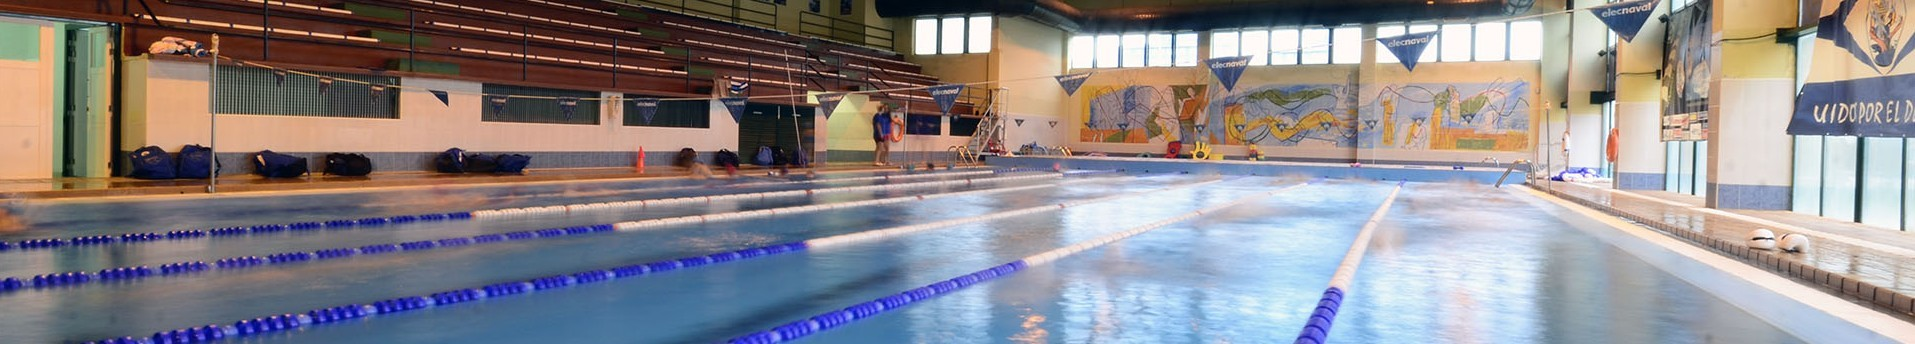 Escolas deportivas de natación/ Escuelas deportivas de natación